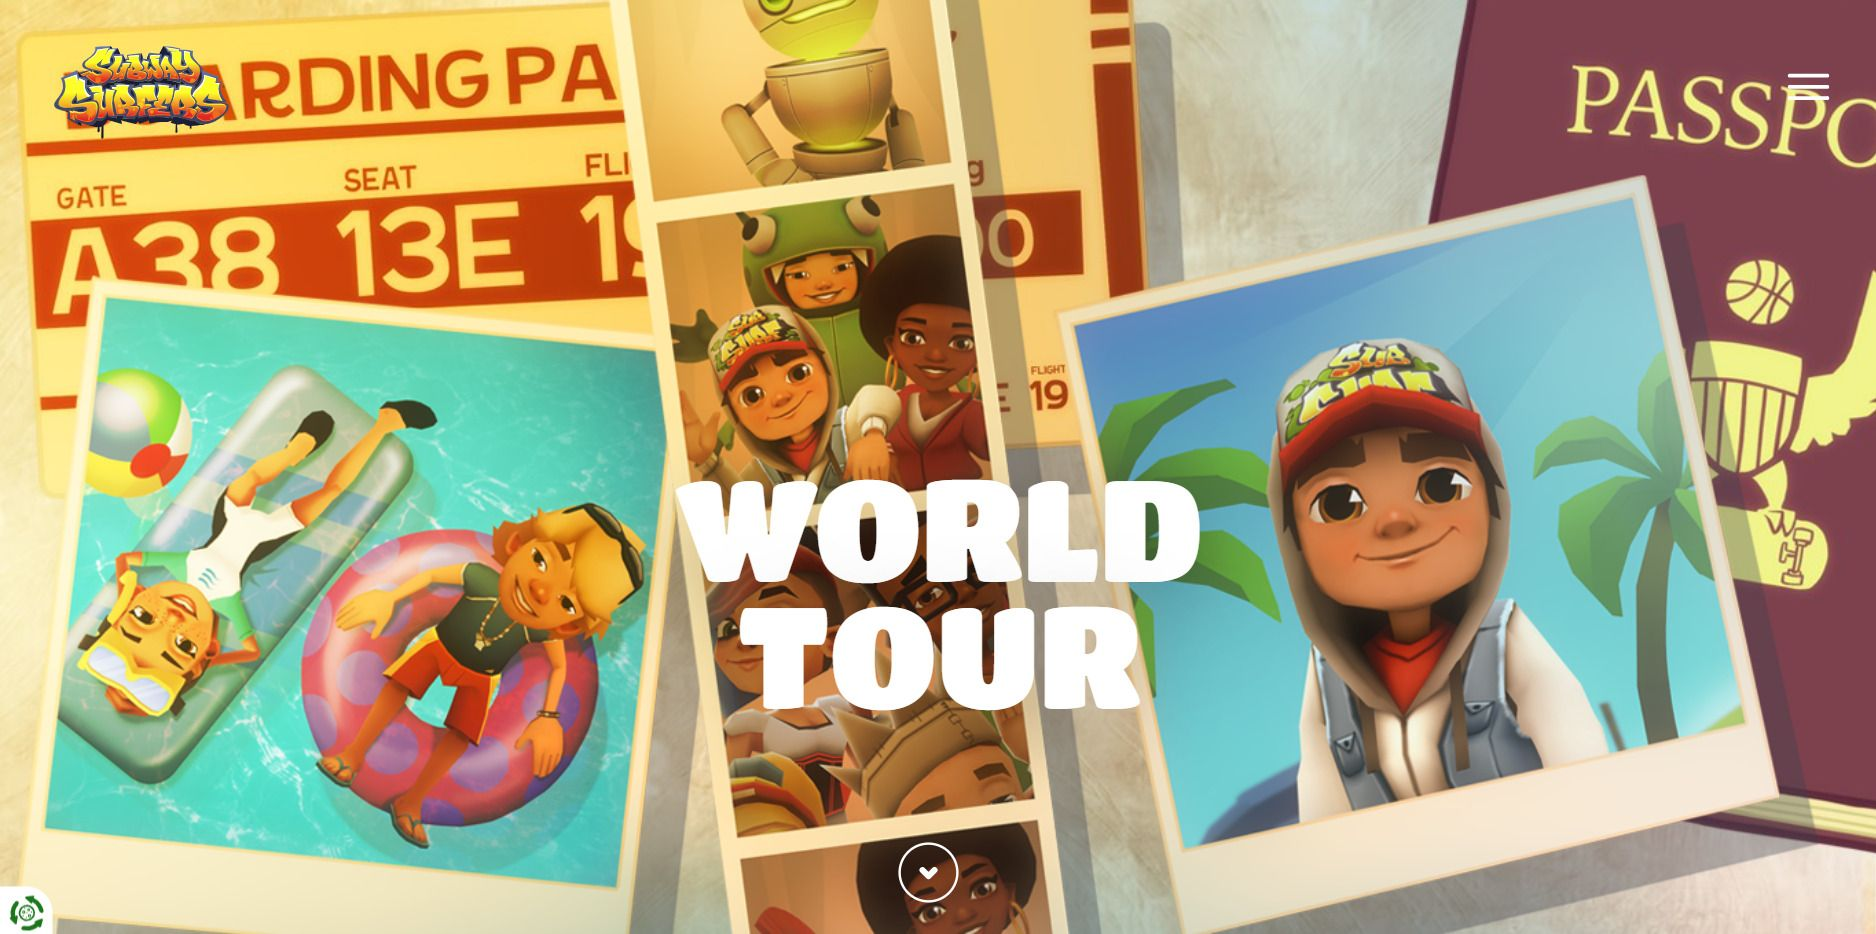 Subway Surfers World Tour viaja todo mês por cidades do mundo inteiro (Foto: Subway Surfers)